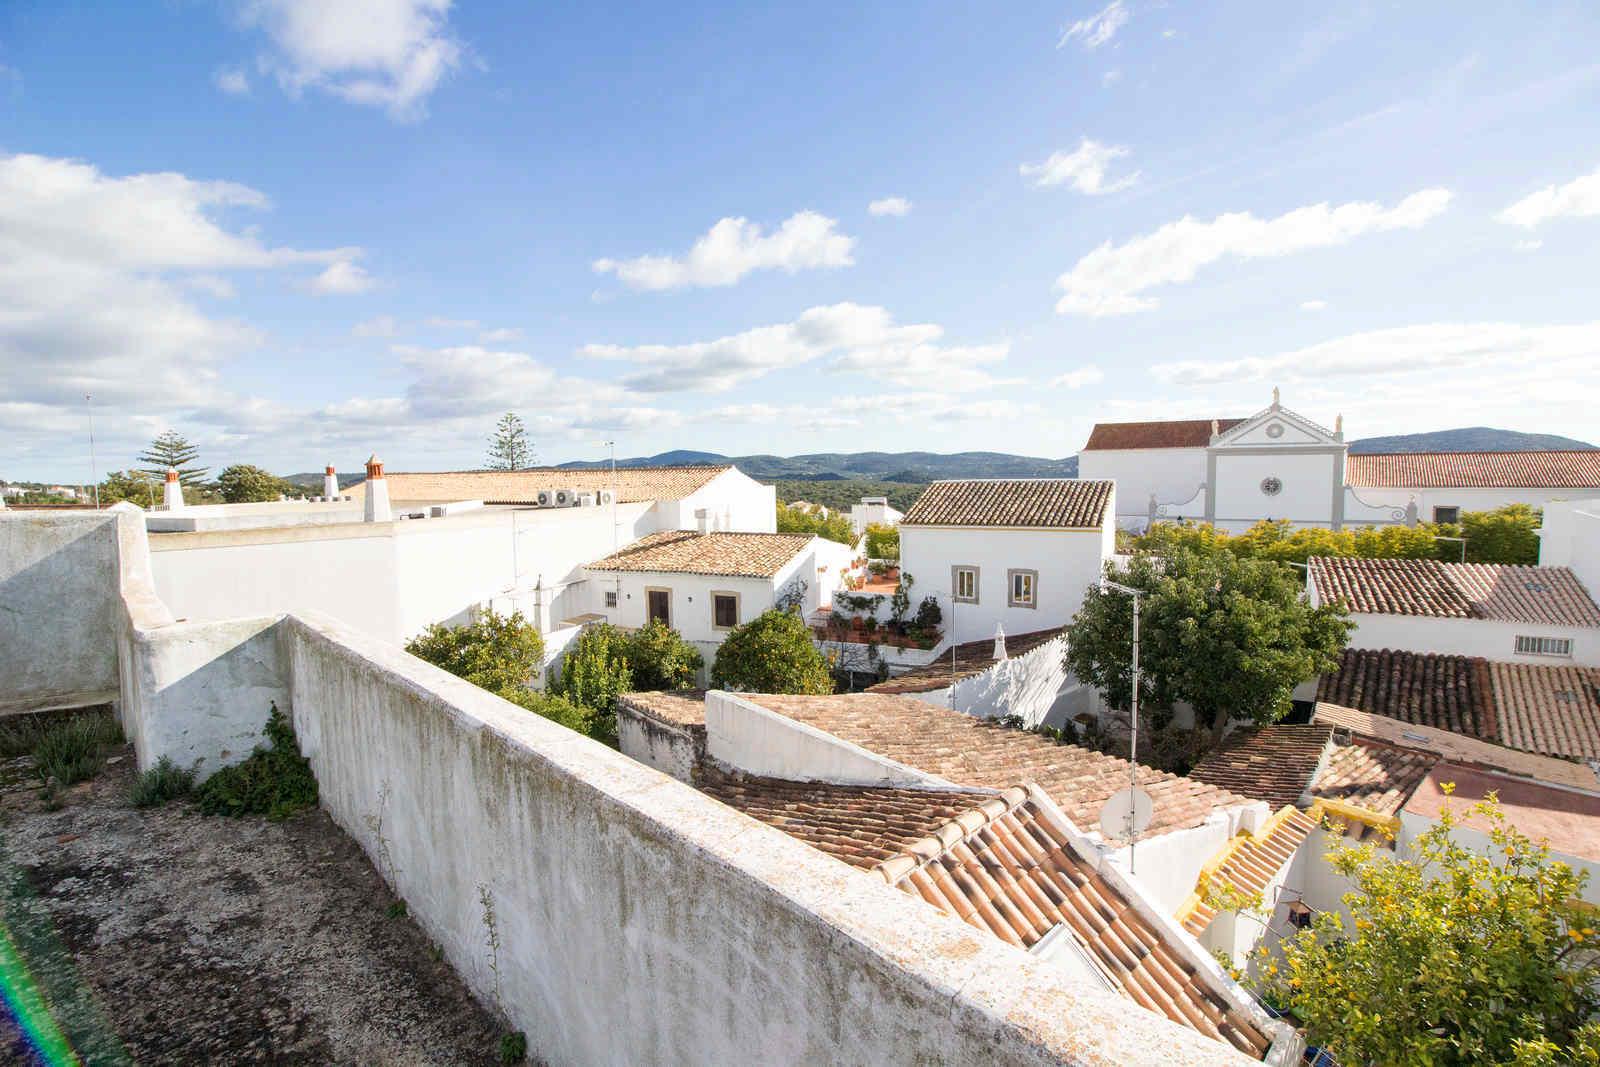 3 Bedroom House Sao Bras de Alportel, Central Algarve Ref: PV3430